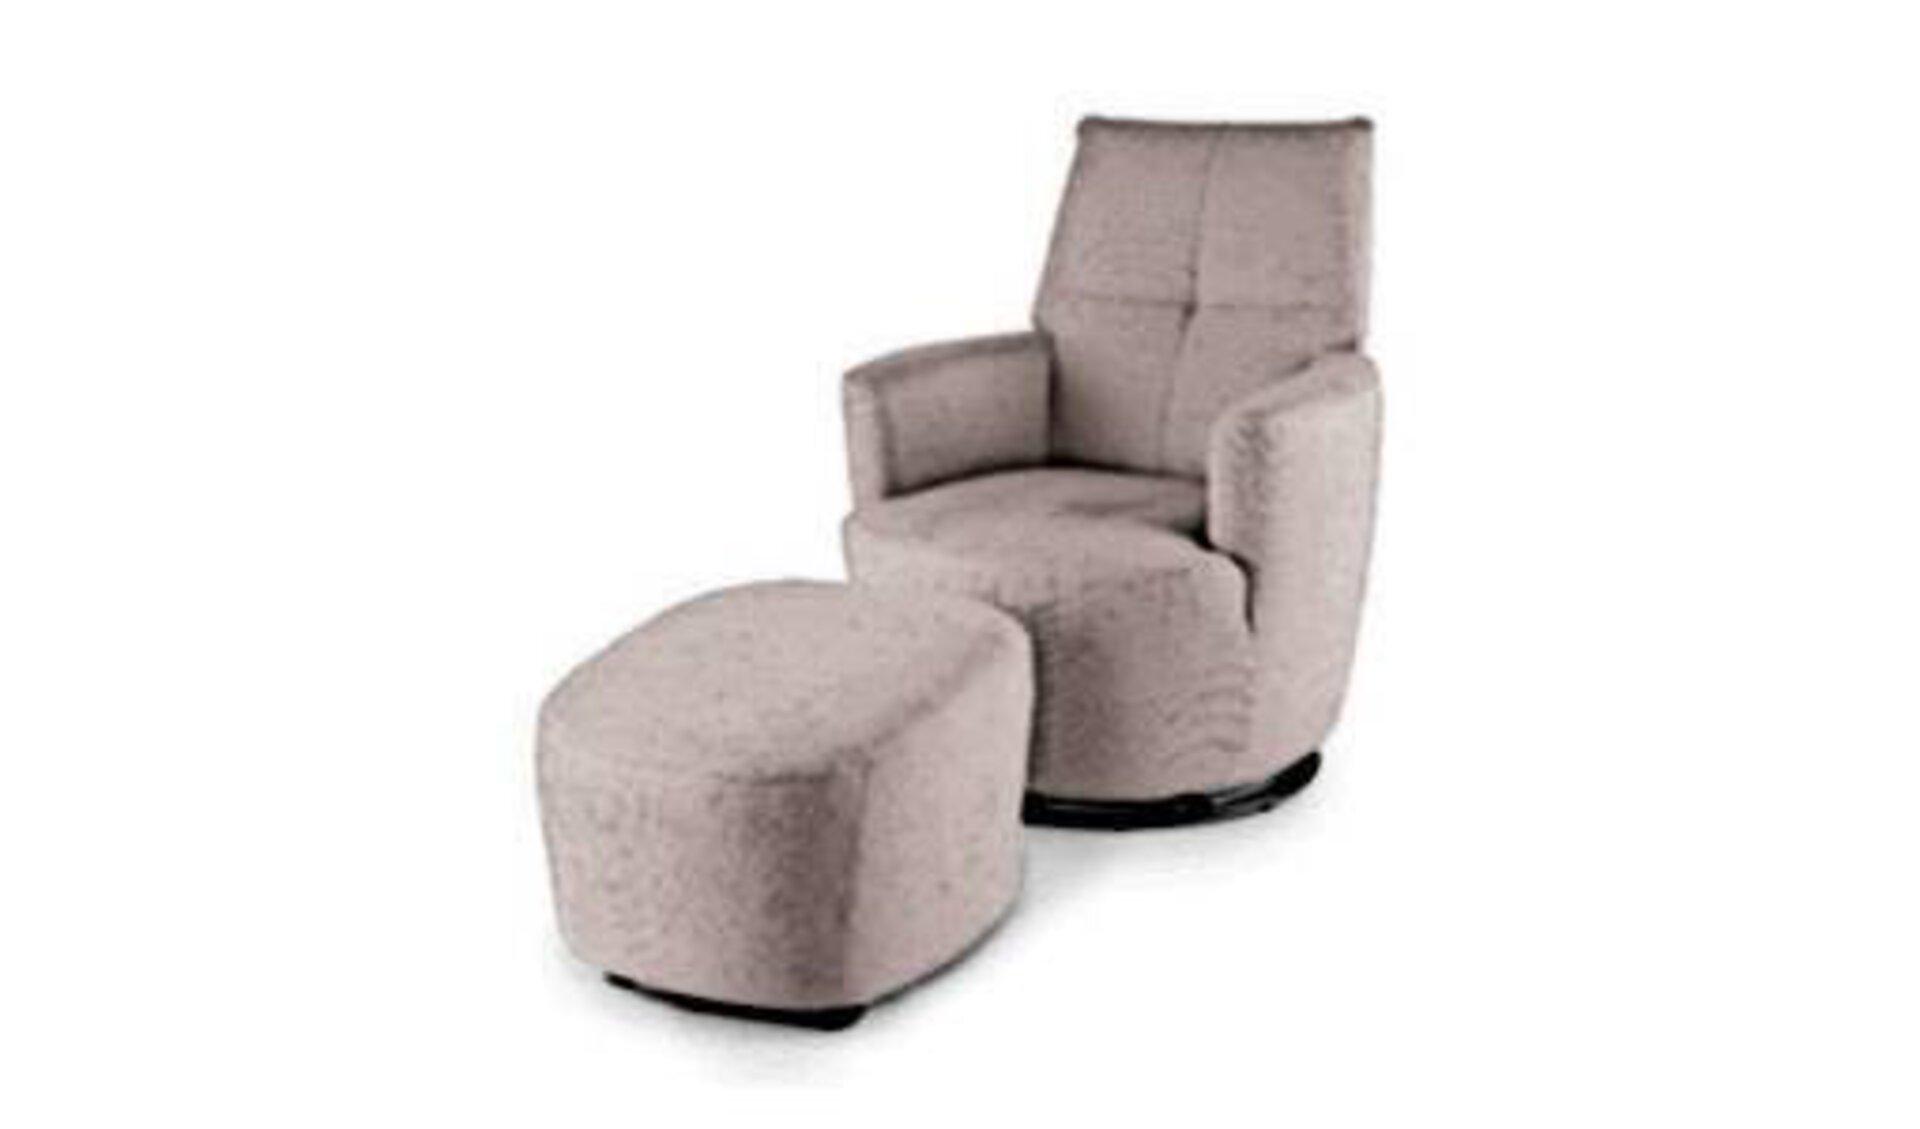 Ein mit Samt überzogener schmaler Sessel und davor ein Hocker im gleichen Stiel stehen für alle Sessel und Hocker innerhalb der Kategorie.